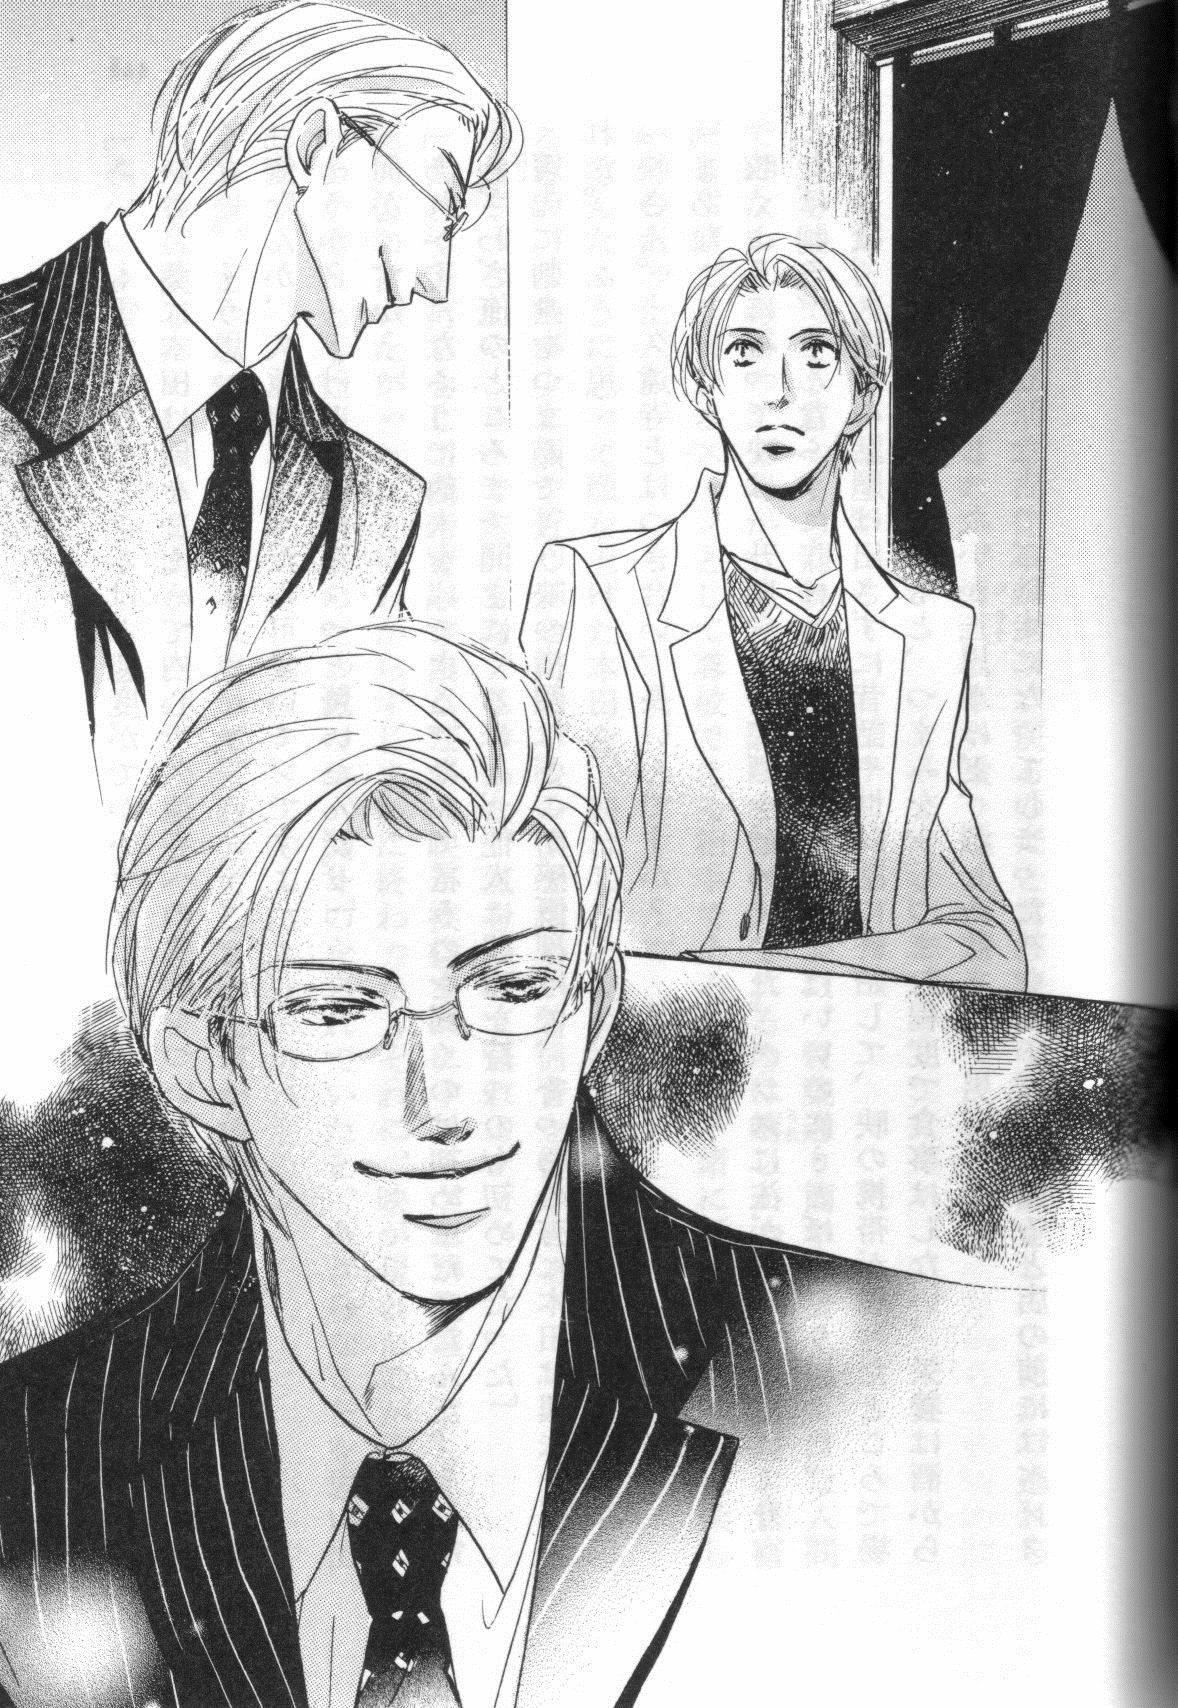 Shiawase ni Dekiru 01 (5)